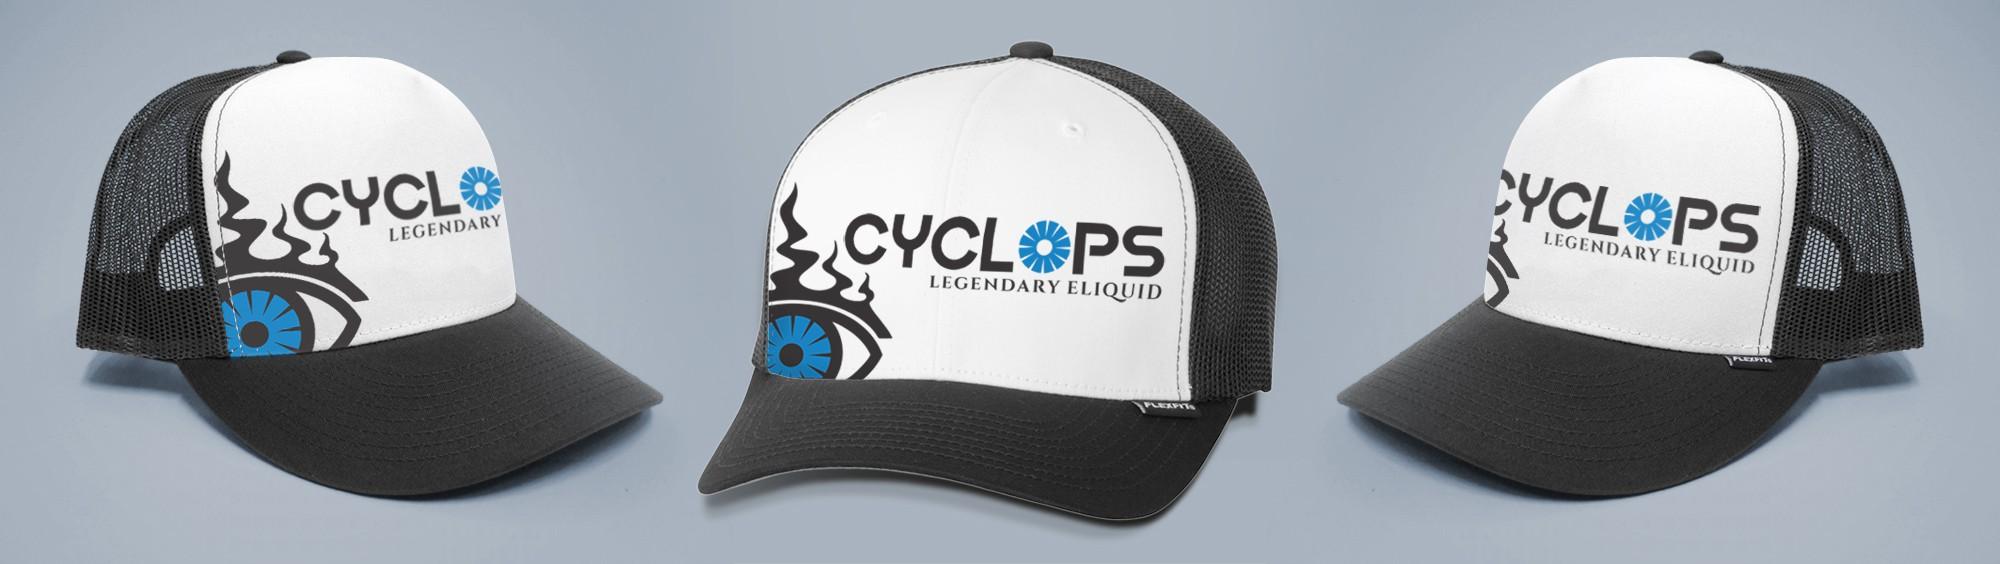 Creative hat design - Cyclops Vapor branding